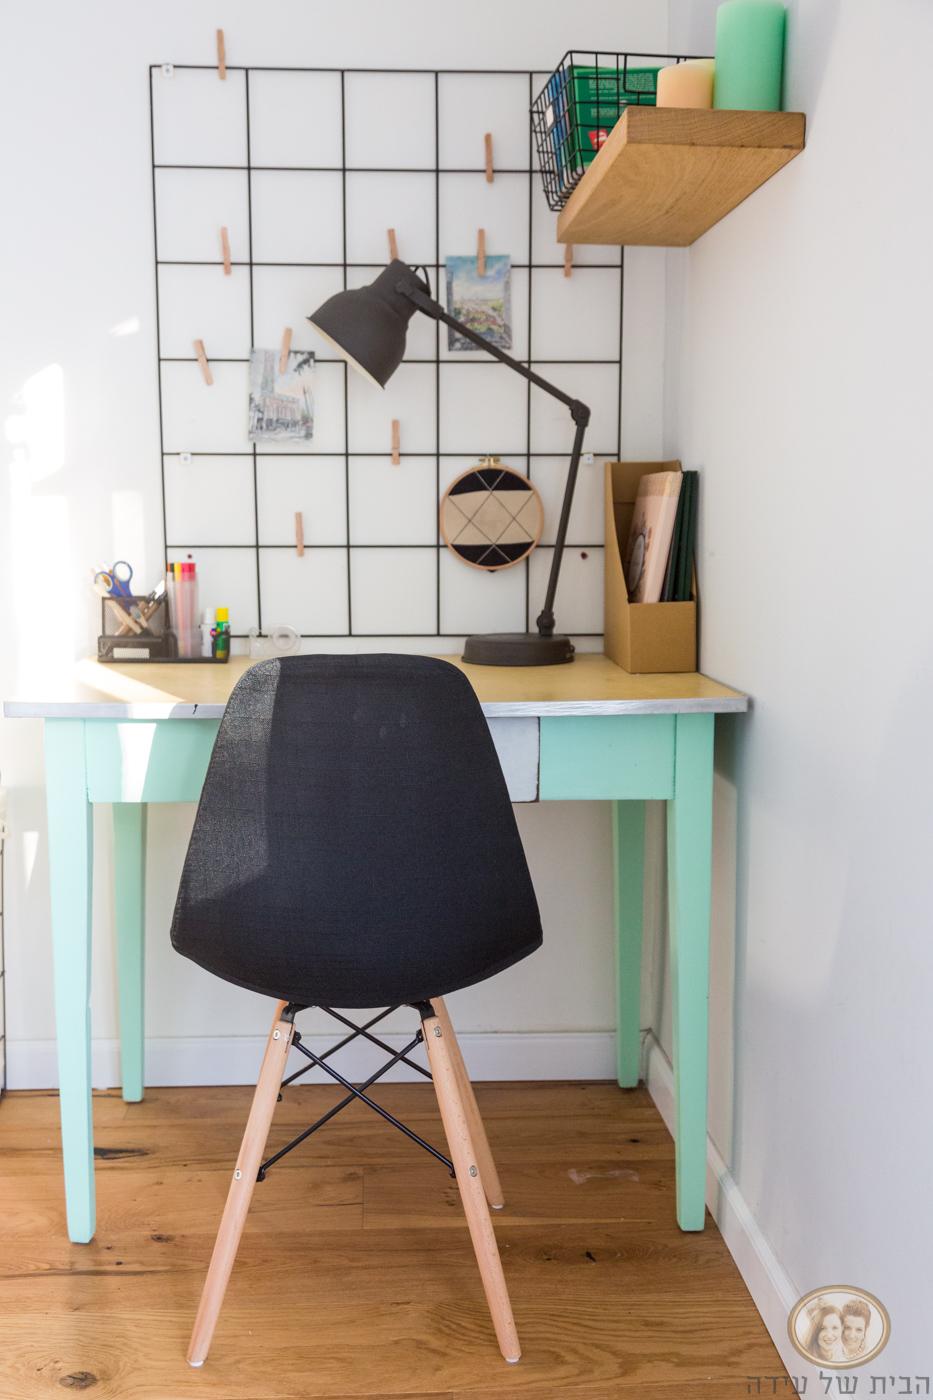 עיצוב פינת לימוד בחדר